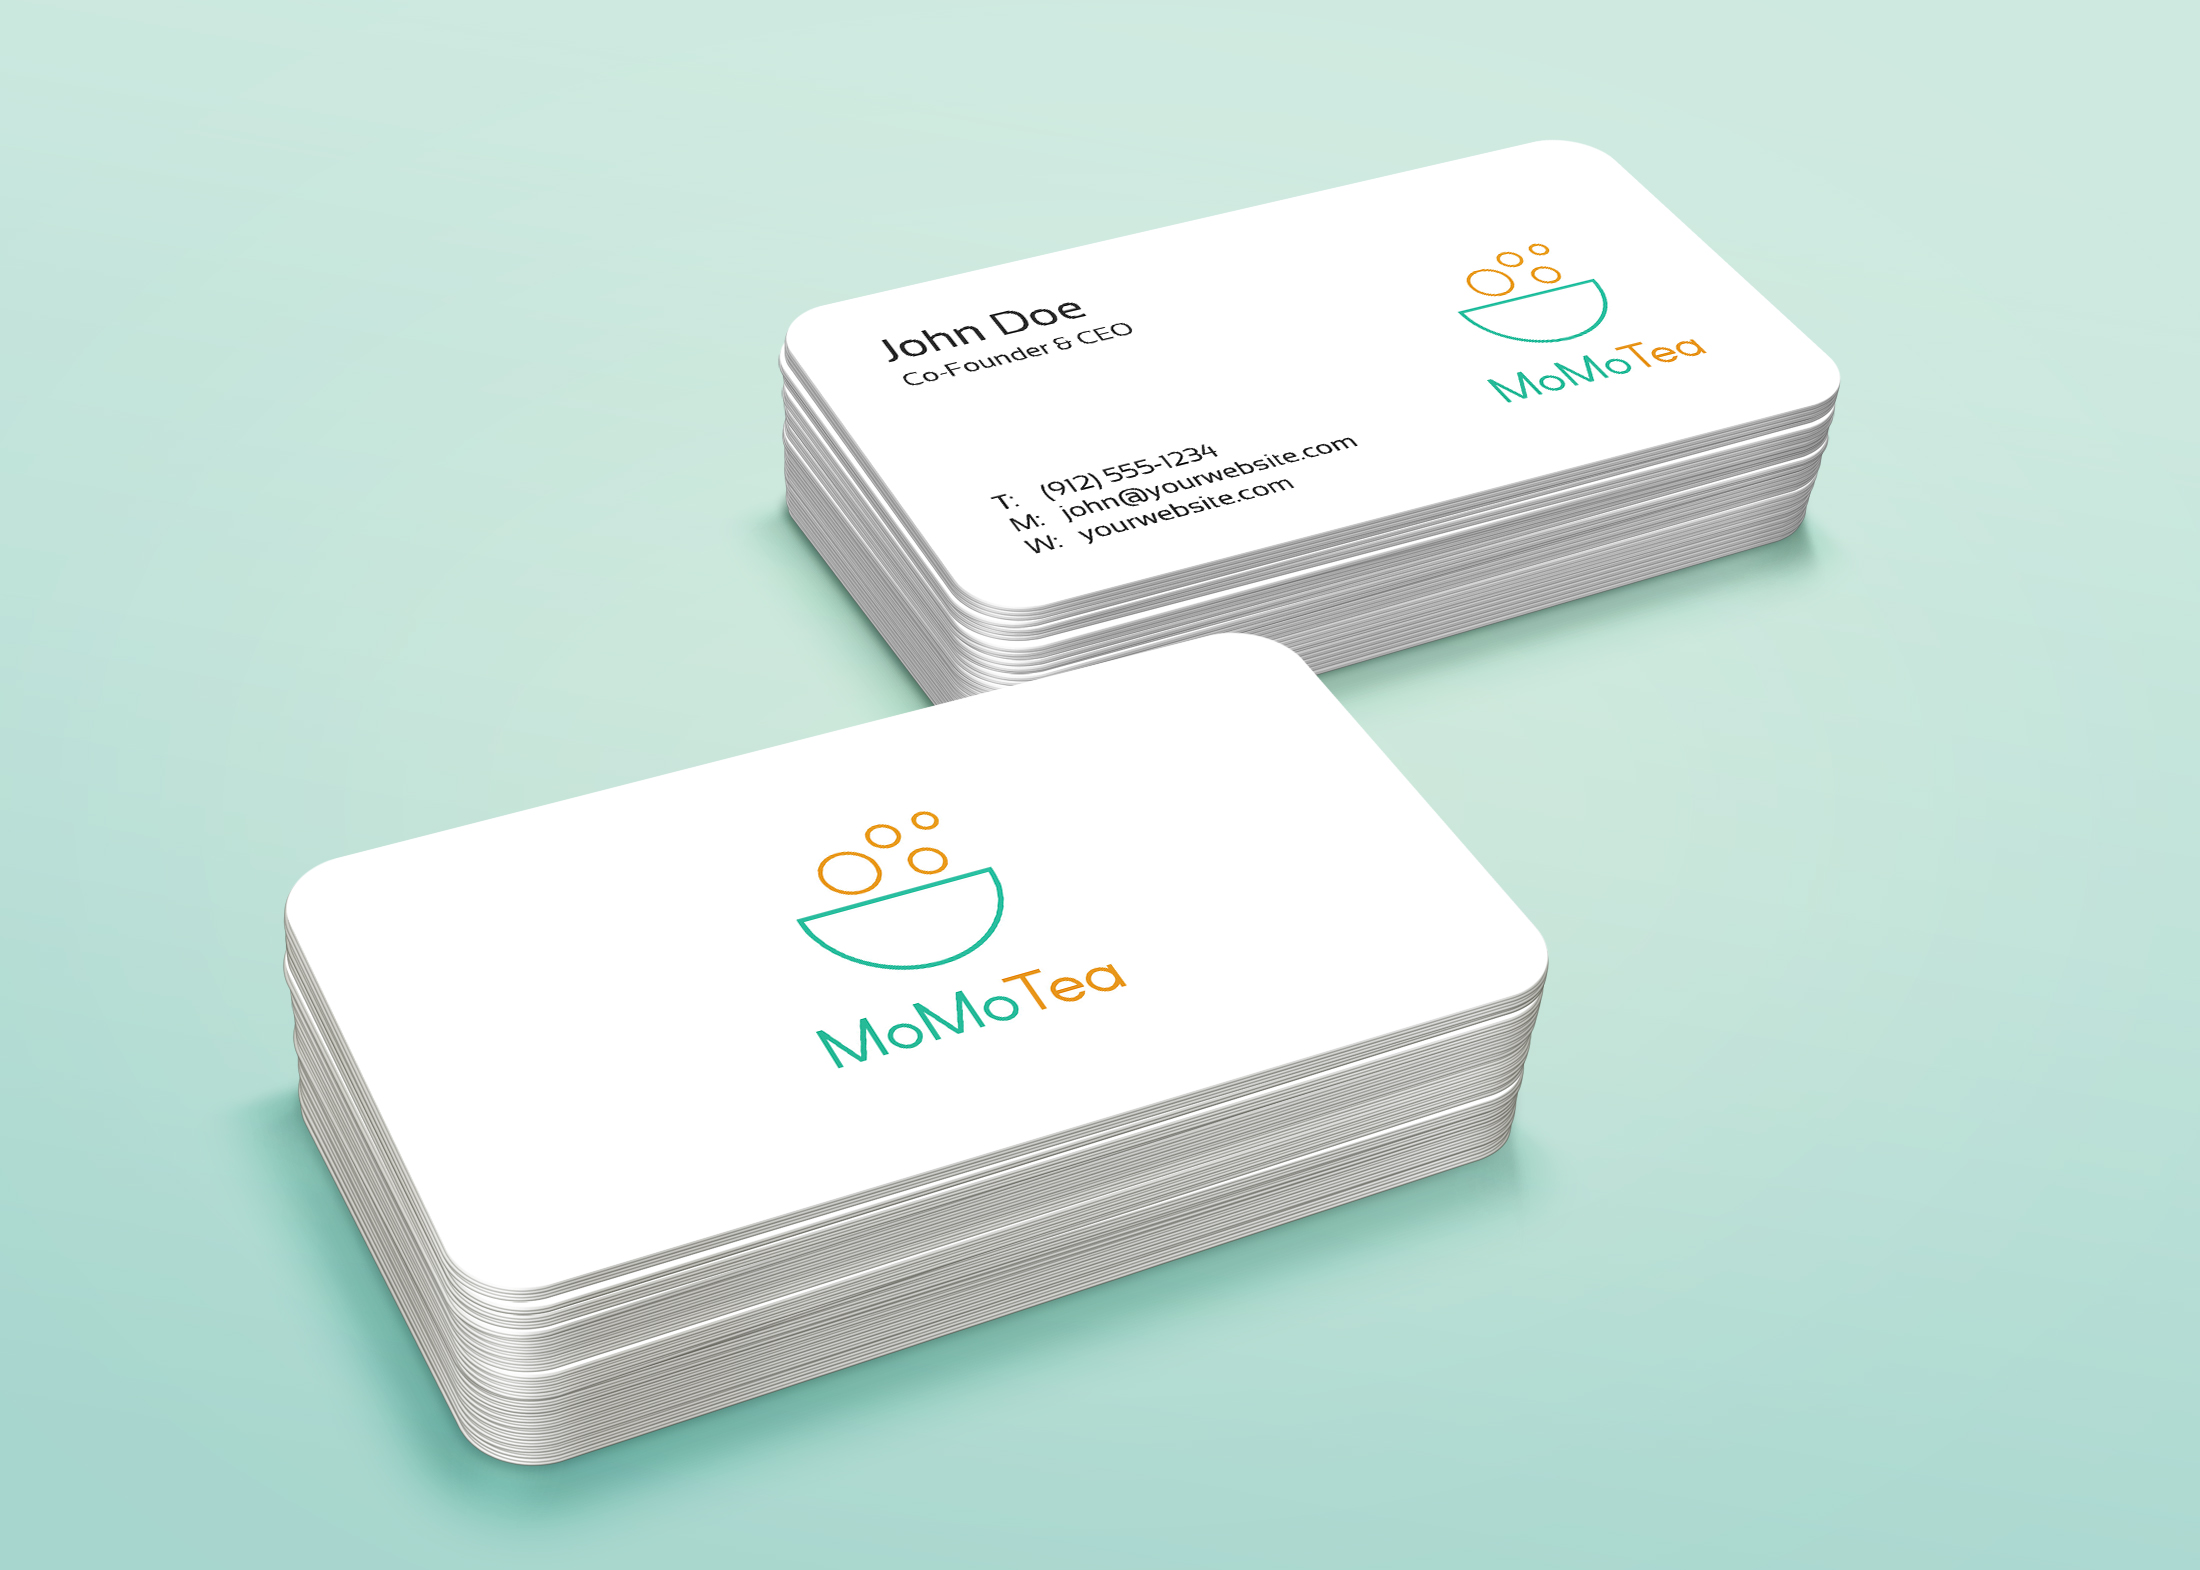 дизайн визитки в легком стиле